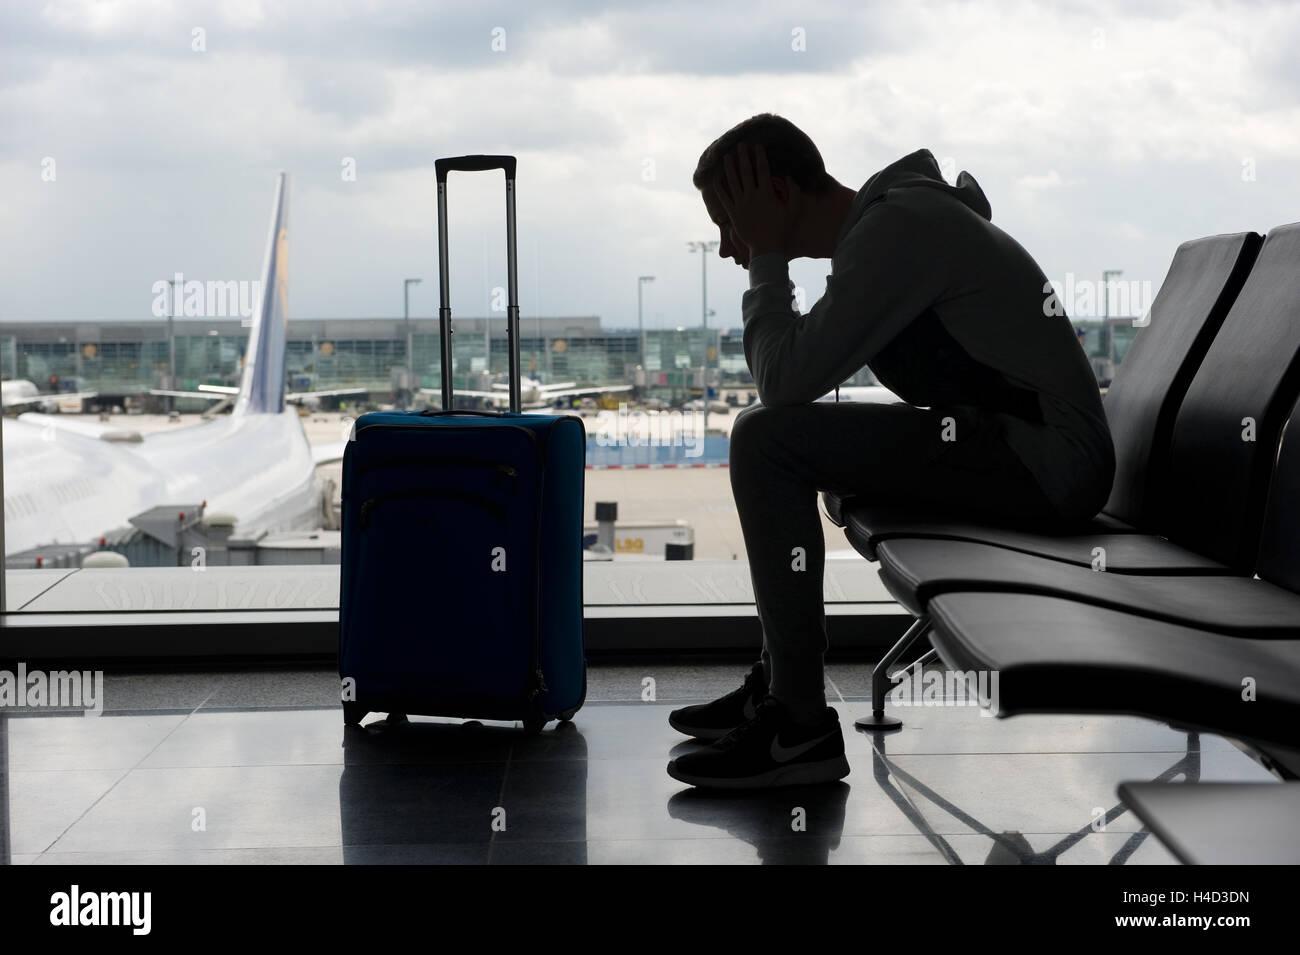 Ein Teenager wartet auf einem Flughafen für den Abflug Stockbild